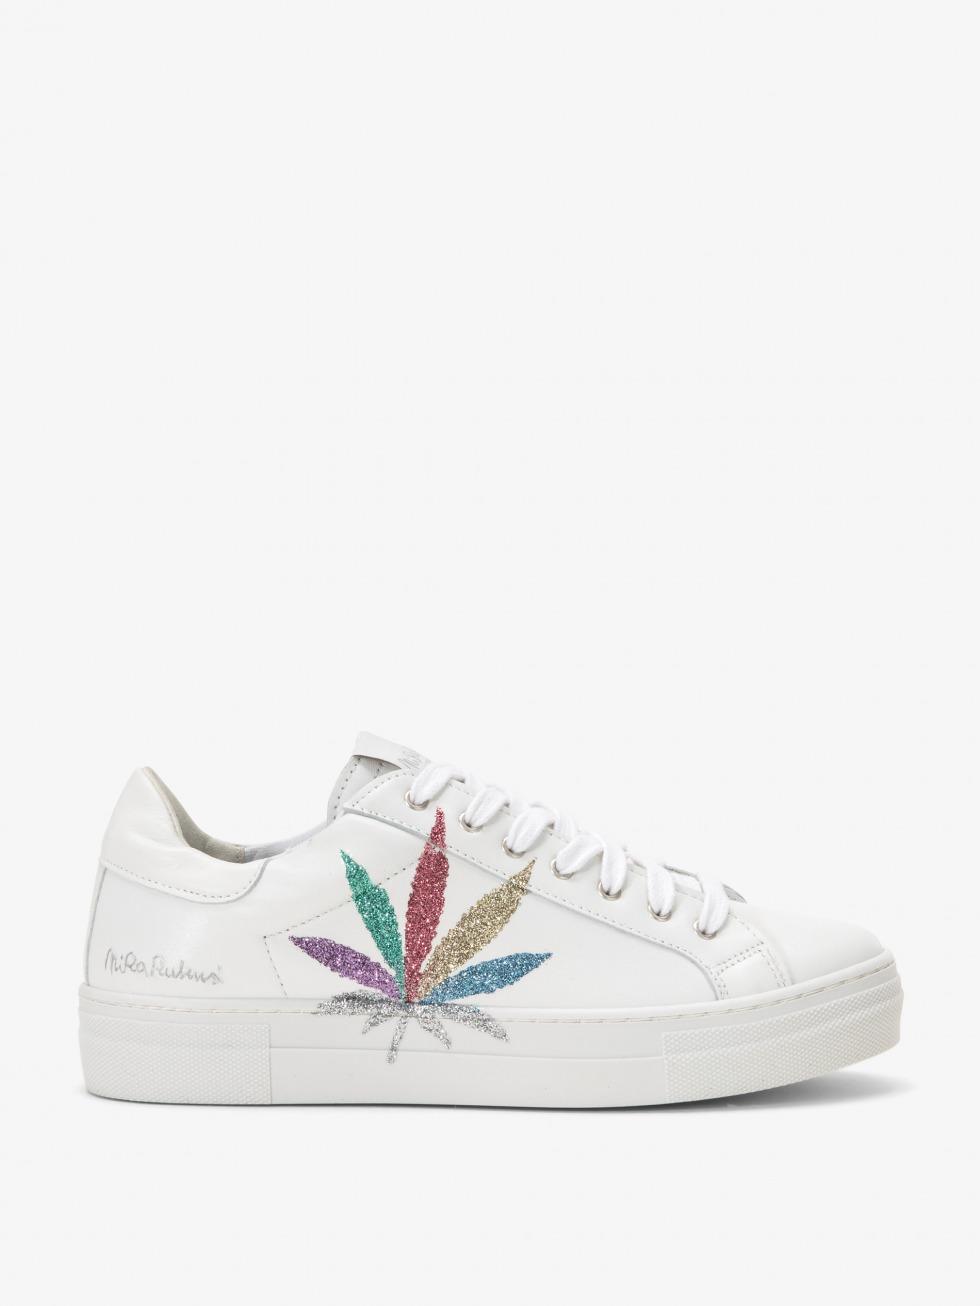 Martini White Sneakers - Multicolor Glitter Leaf